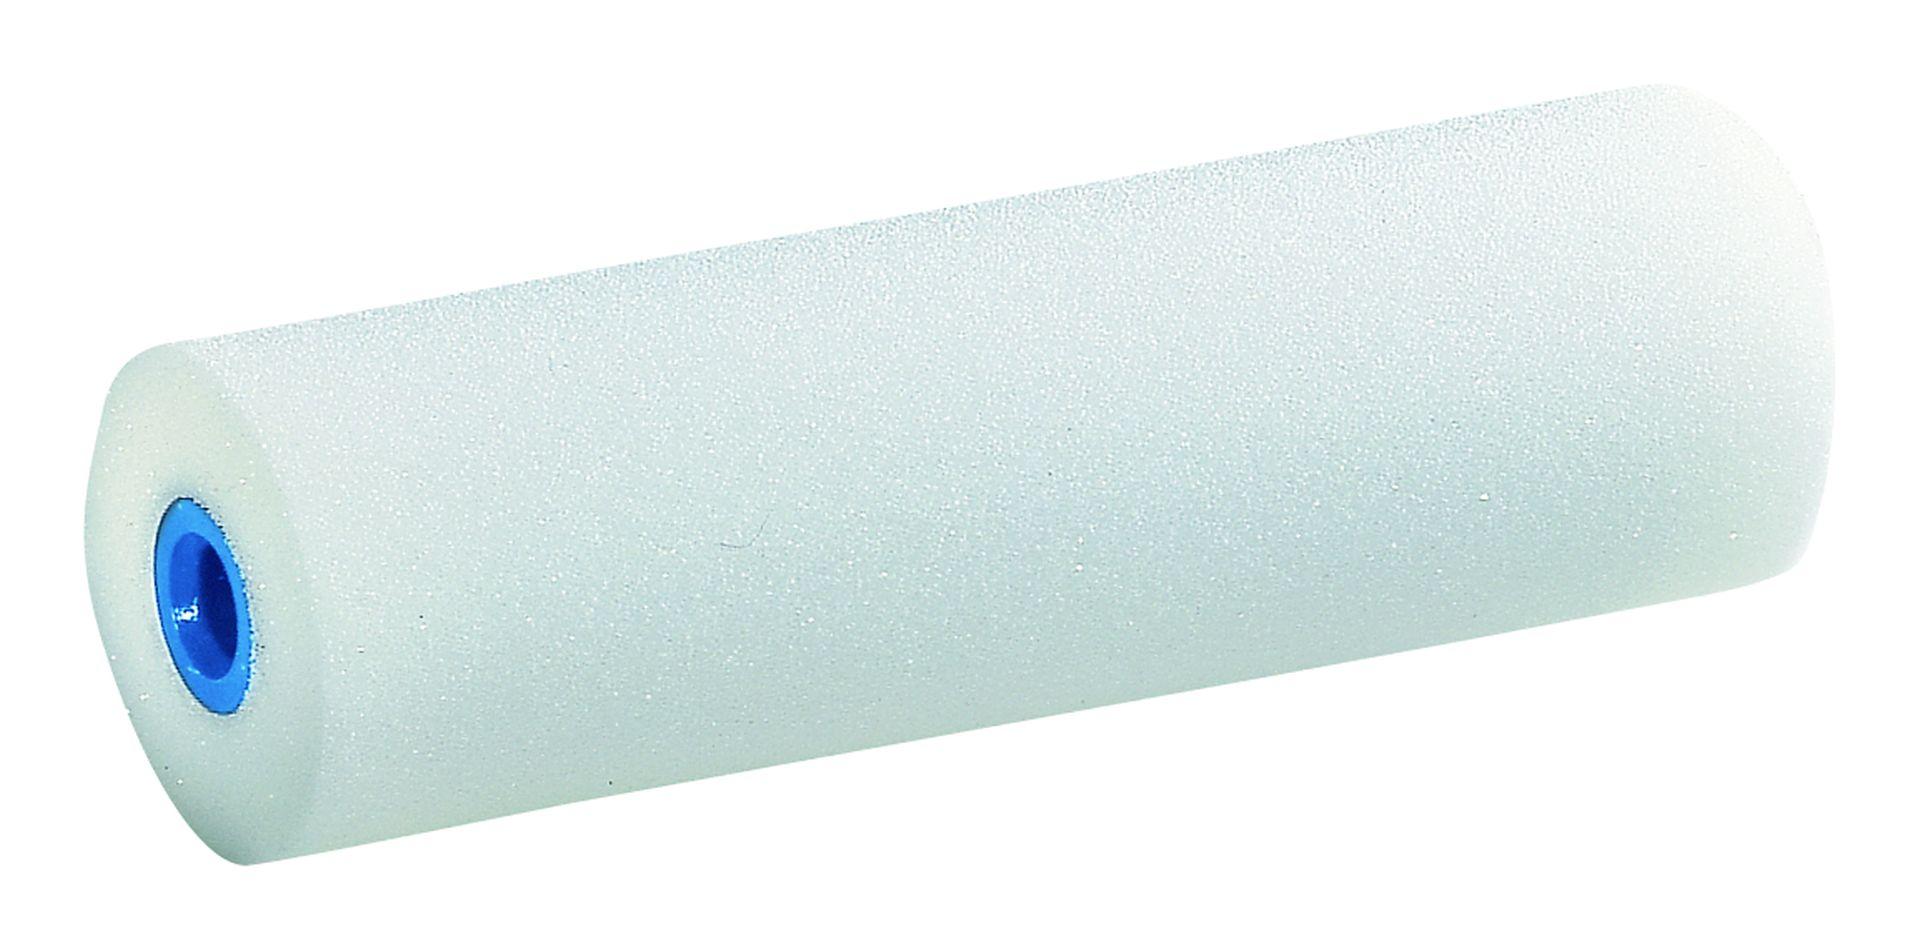 STORCH Schaumwalze, 5 cm, im 2-er Pack, D35 Superfein